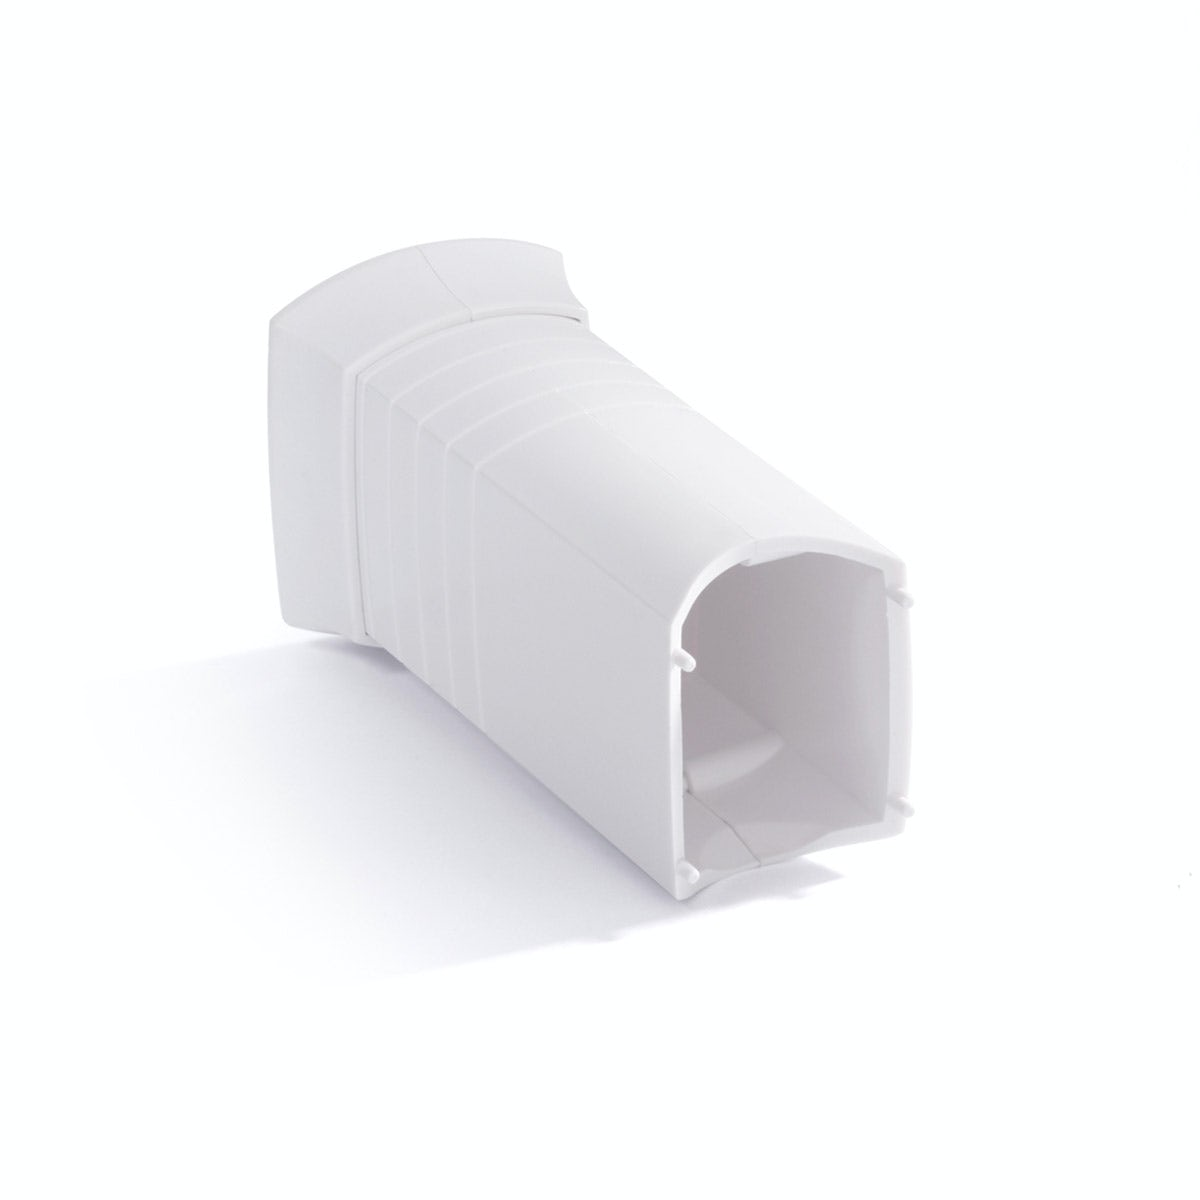 Terma MOA heating element kit cable masking white